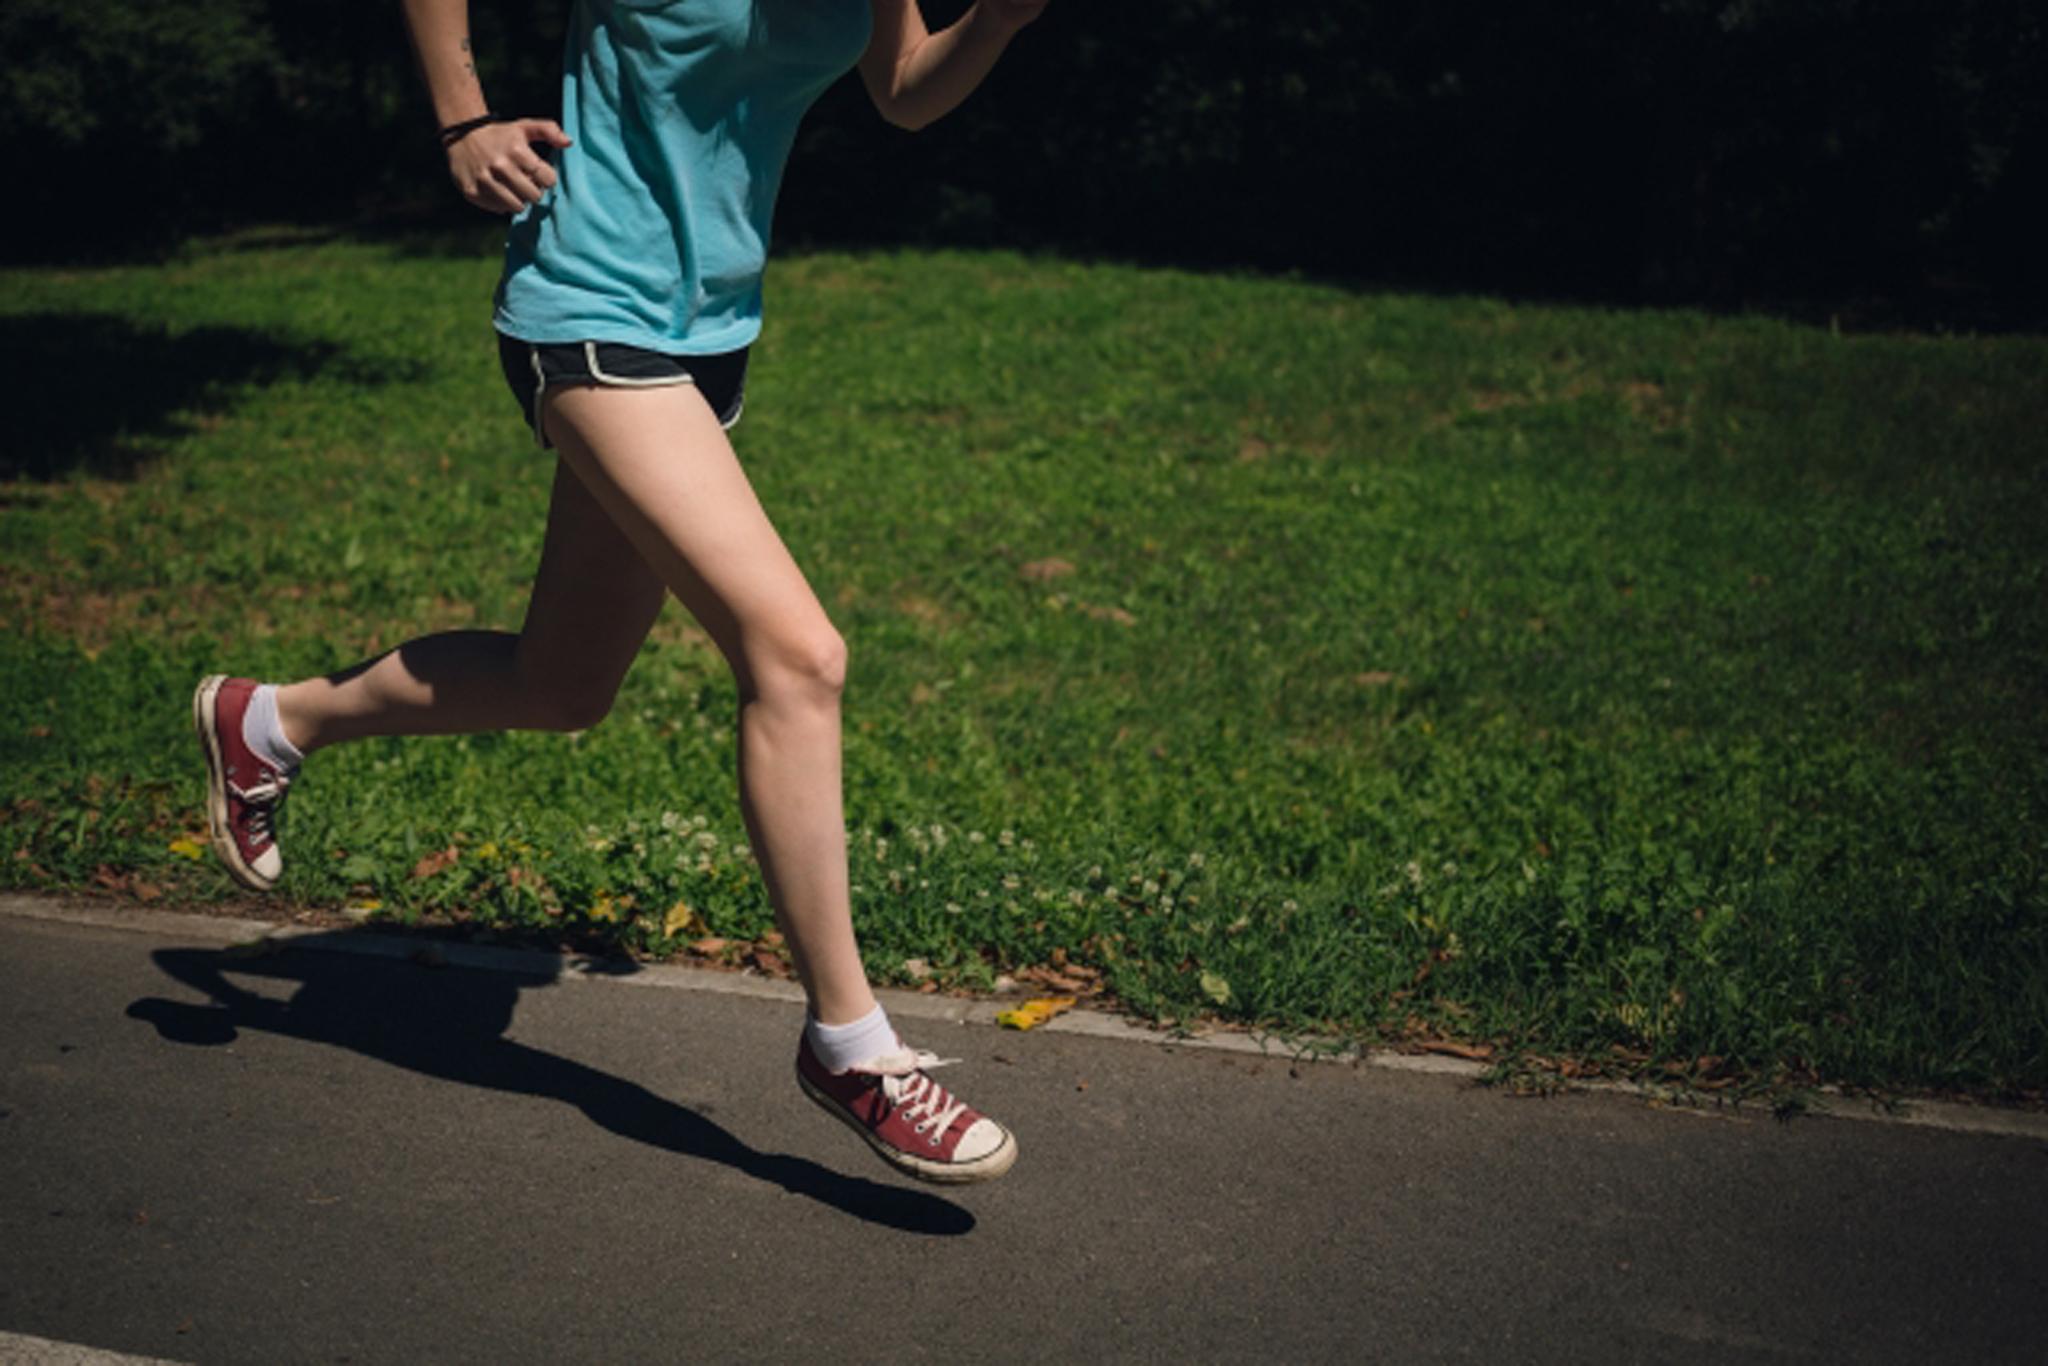 只要穿著輕便服裝、運動鞋,就可以開始健走!